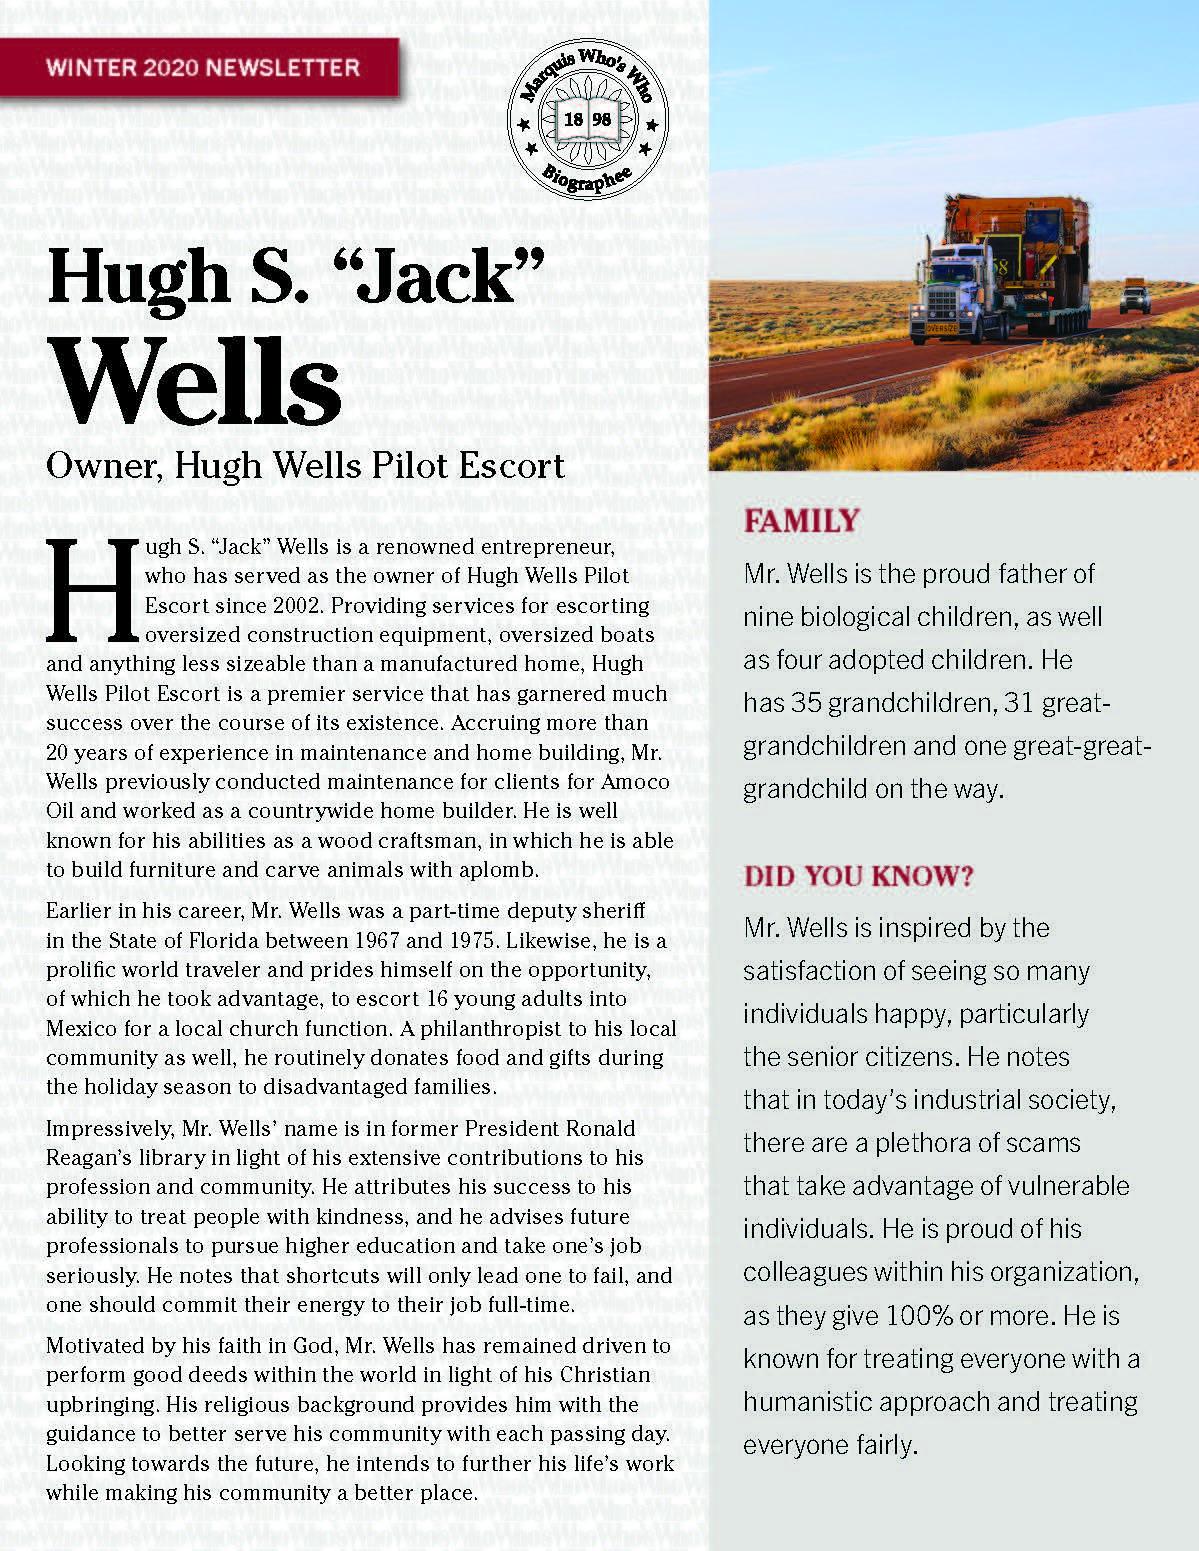 Wells, Hugh 4766029_4004766029 Newsletter